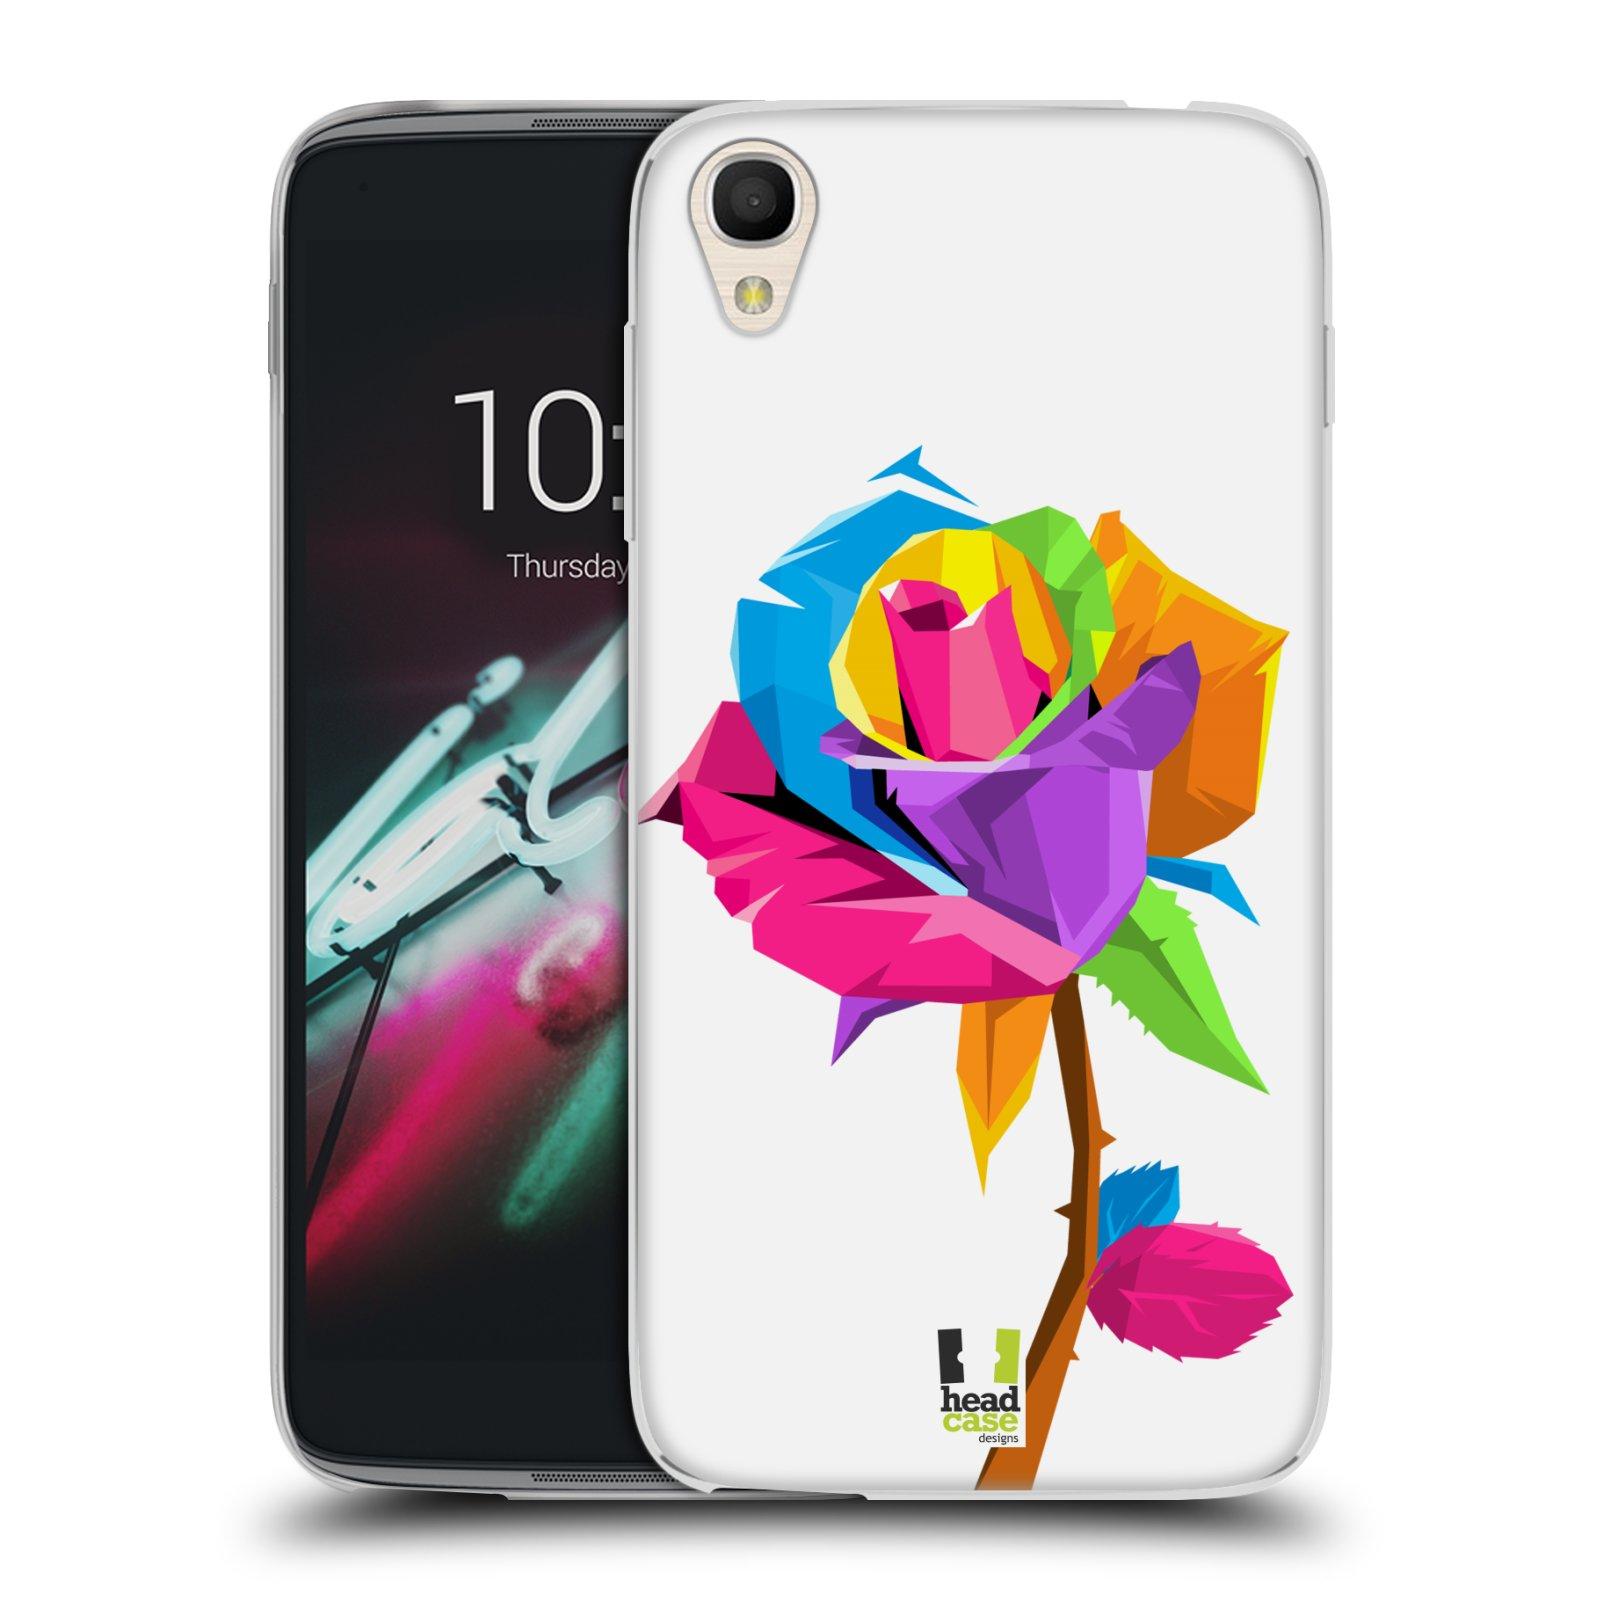 HEAD CASE silikonový obal na mobil Alcatel Idol 3 OT-6039Y (4.7) vzor POP ART kubismus růže